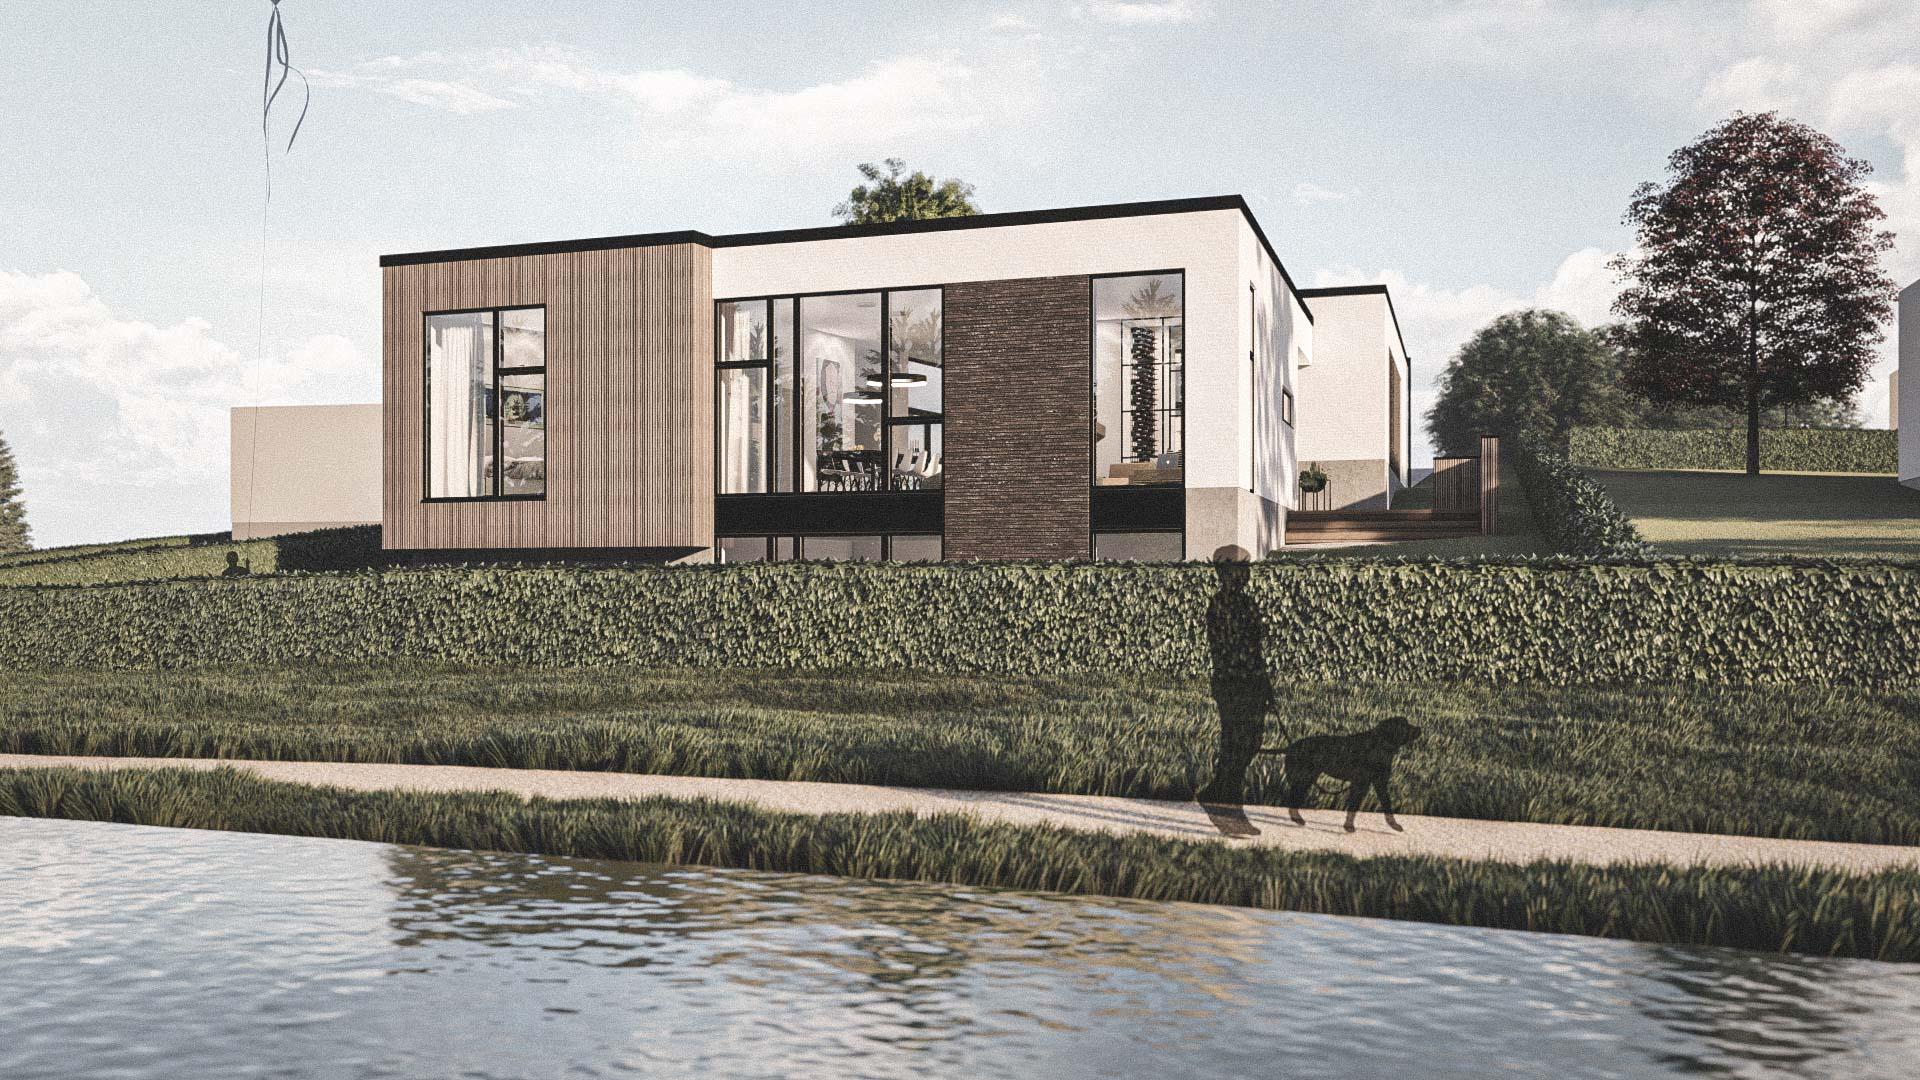 Billede af et arkitekt tegnet projektforslag af ny 2plans drømme villa i Malling, af det danske arkitektfirma m2plus